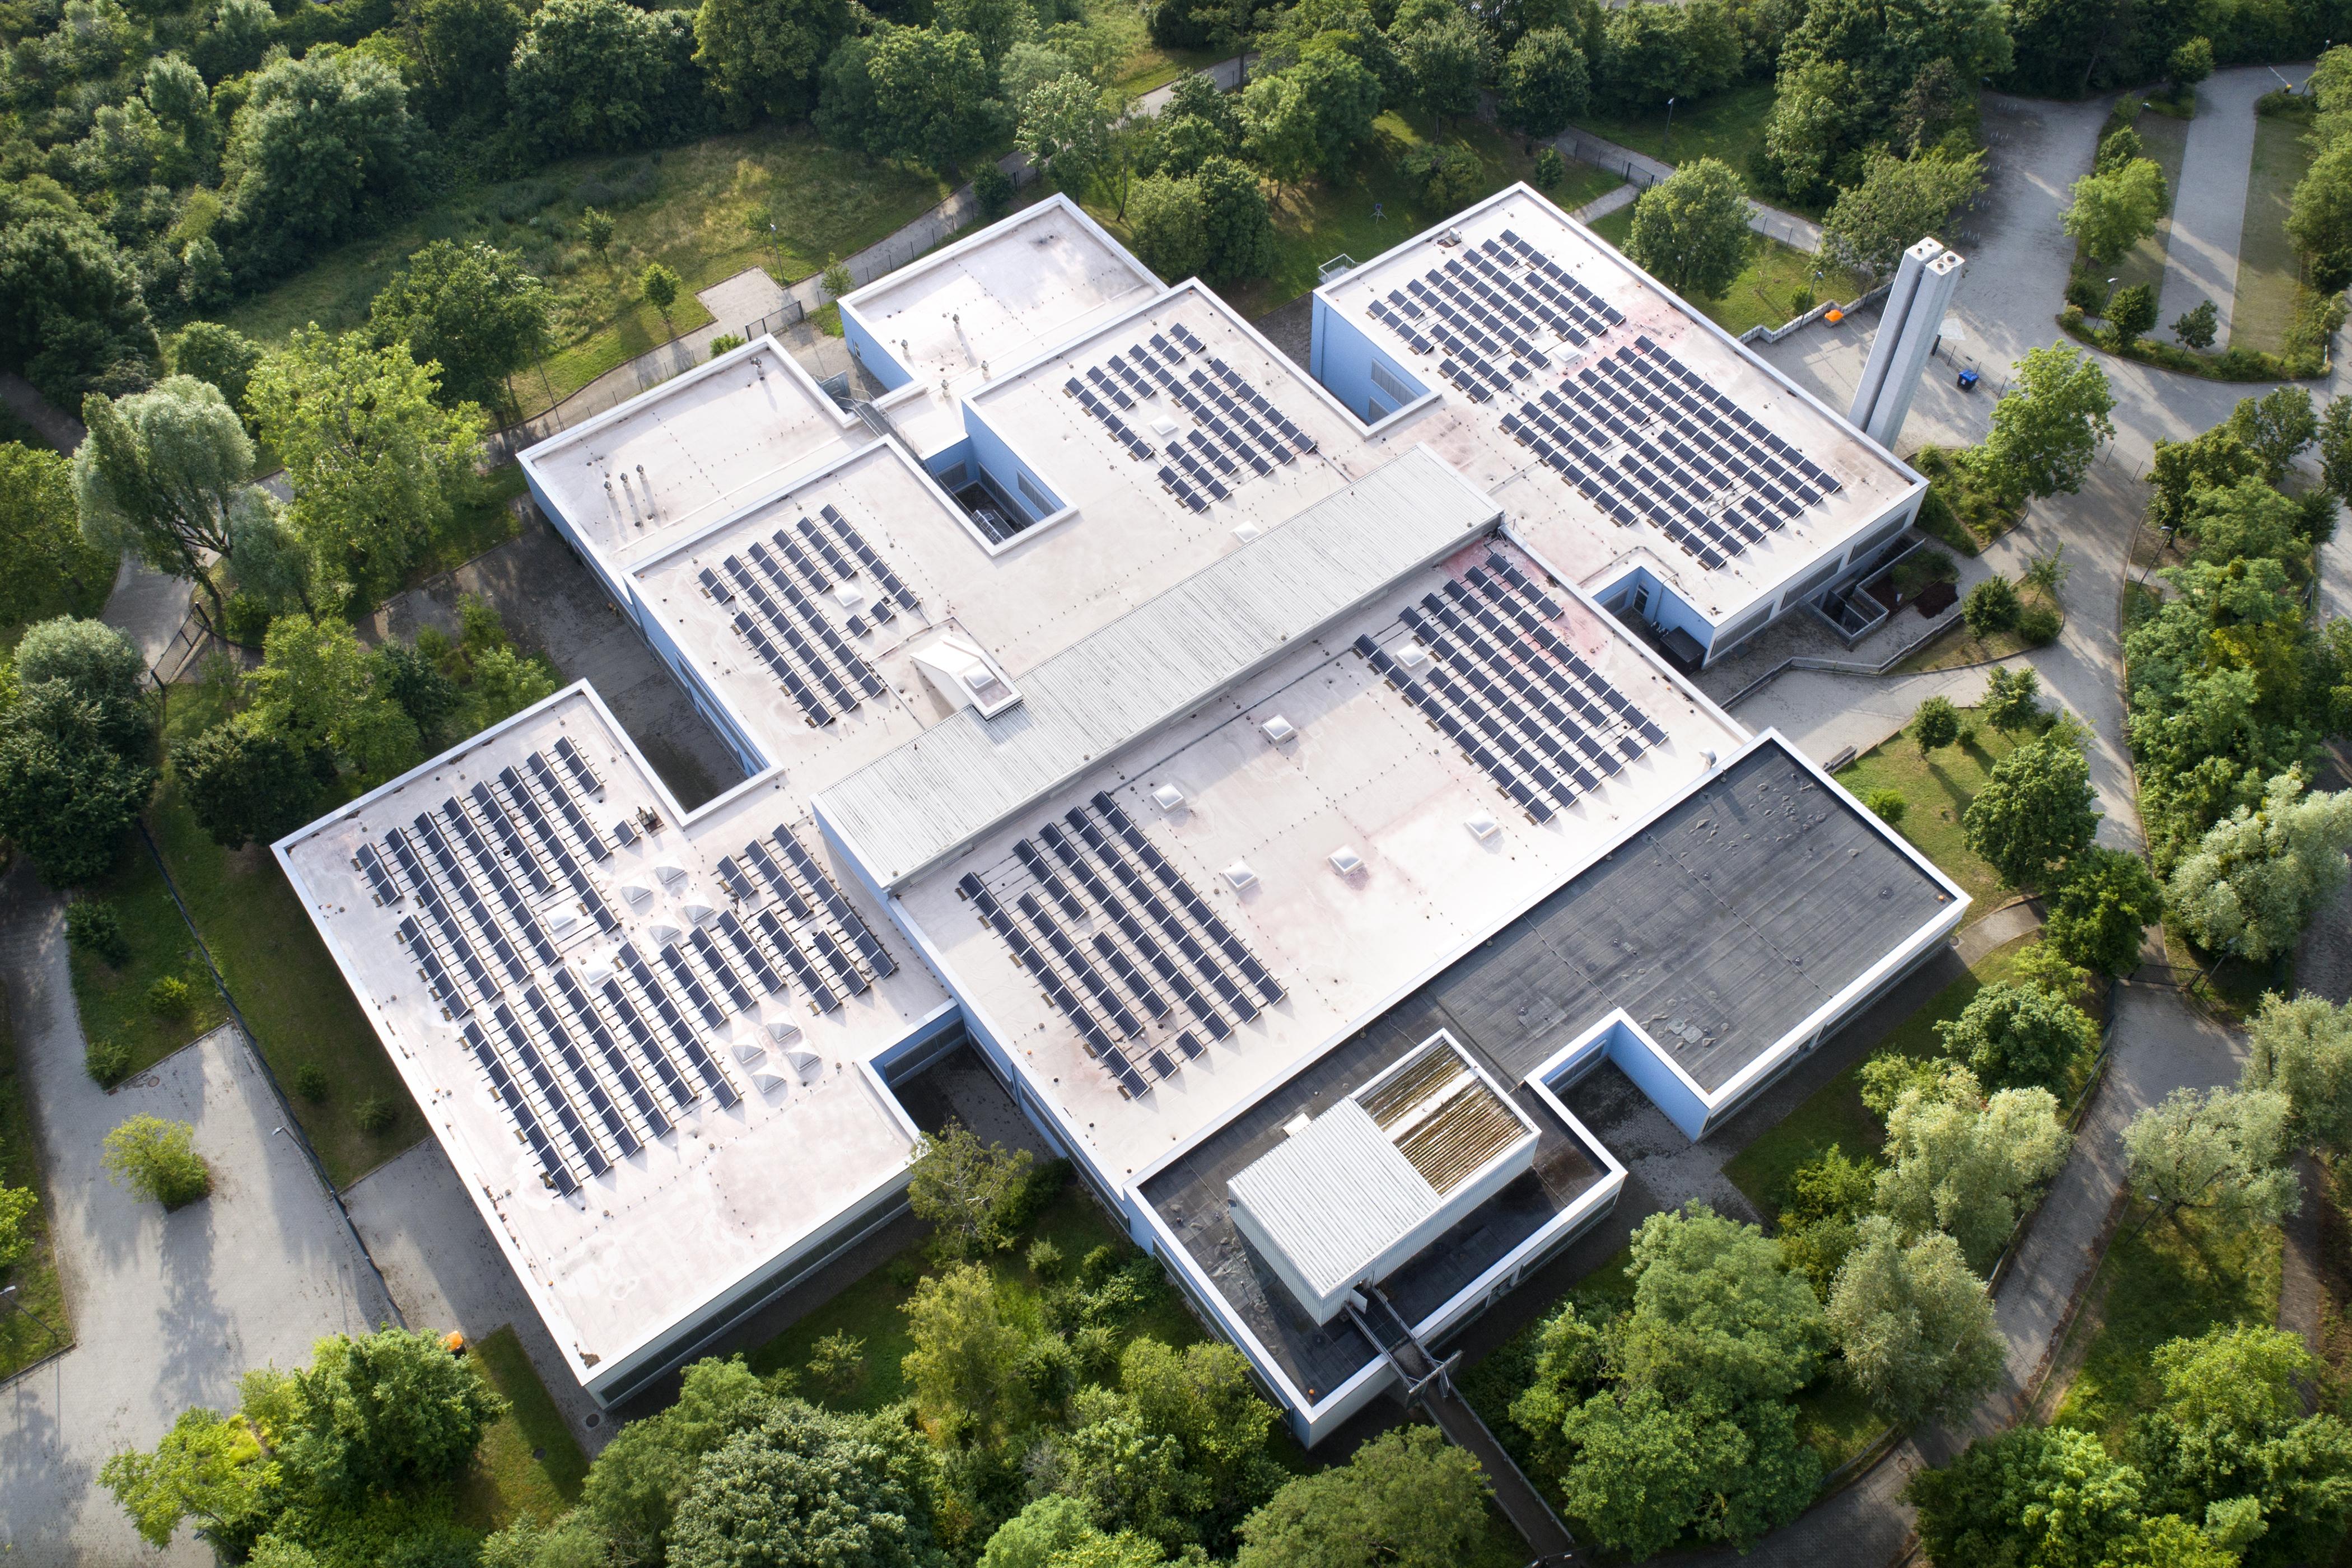 Posadowienie instalacji PV na budynku